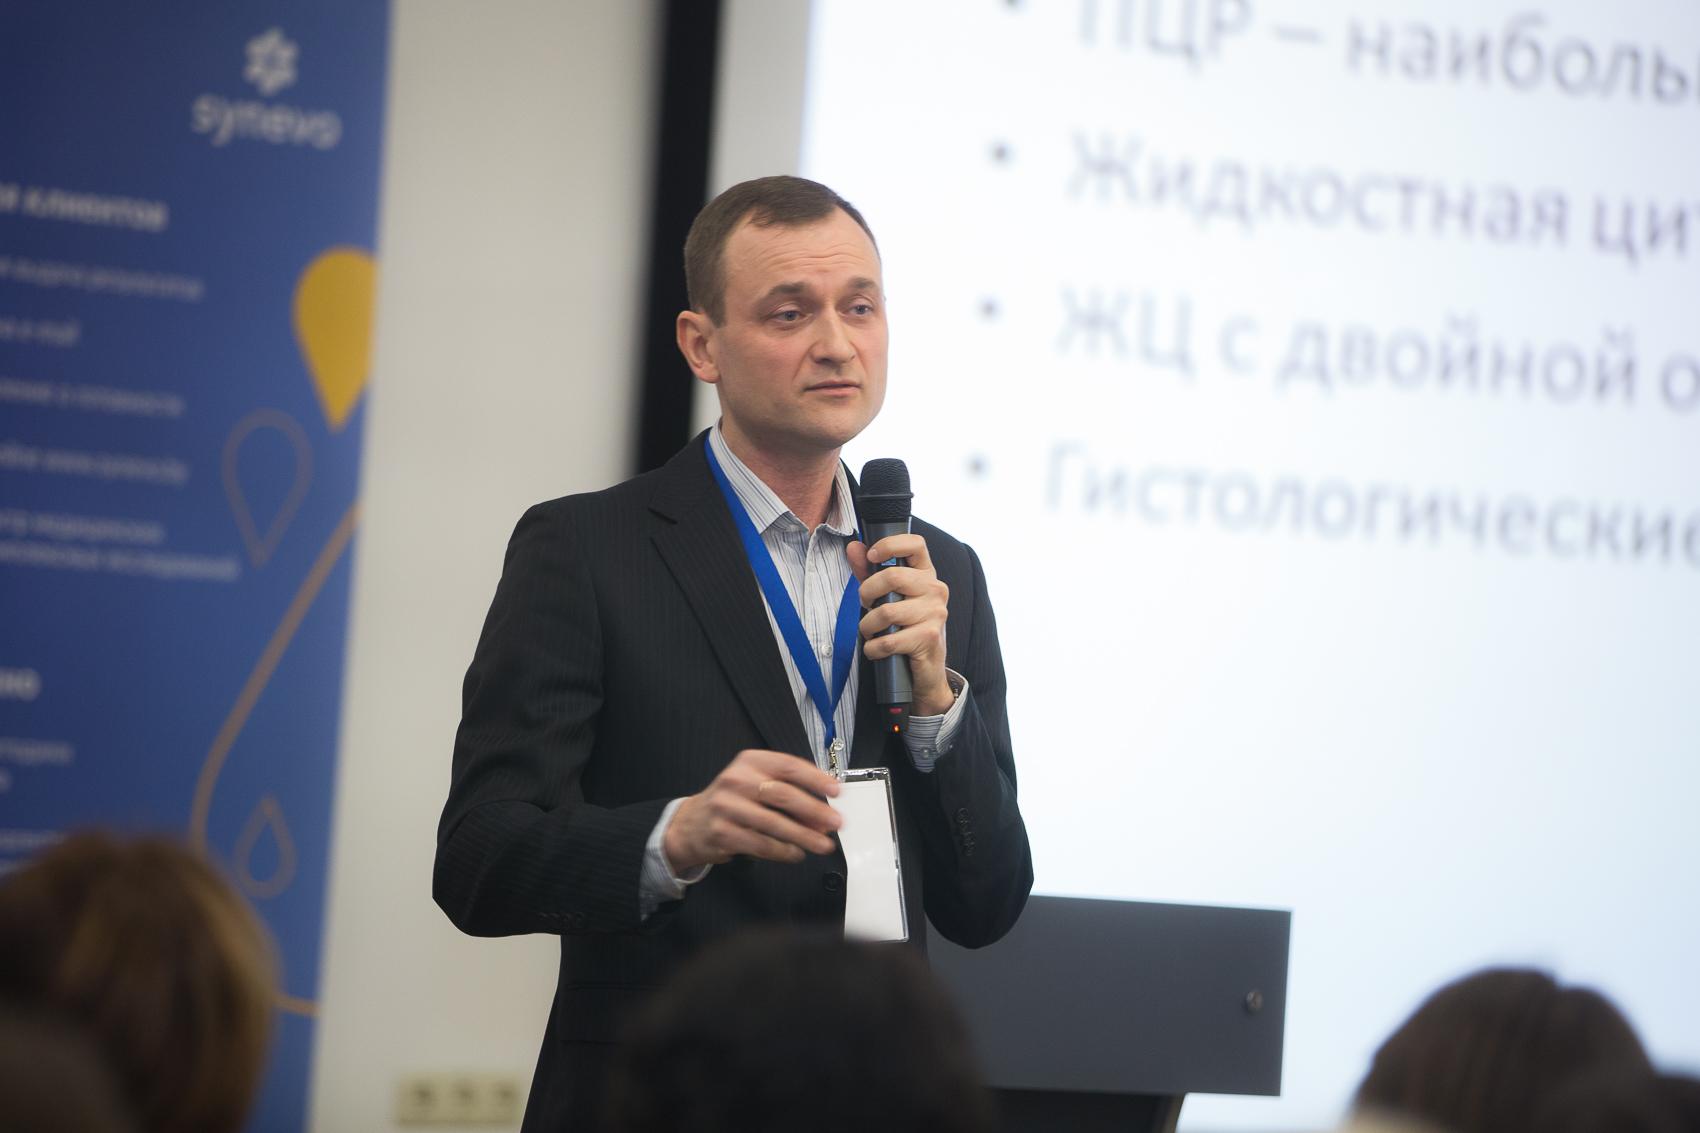 Современные подходы к диагностике заболеваний шейки матки обсудили участники конференции Синэво